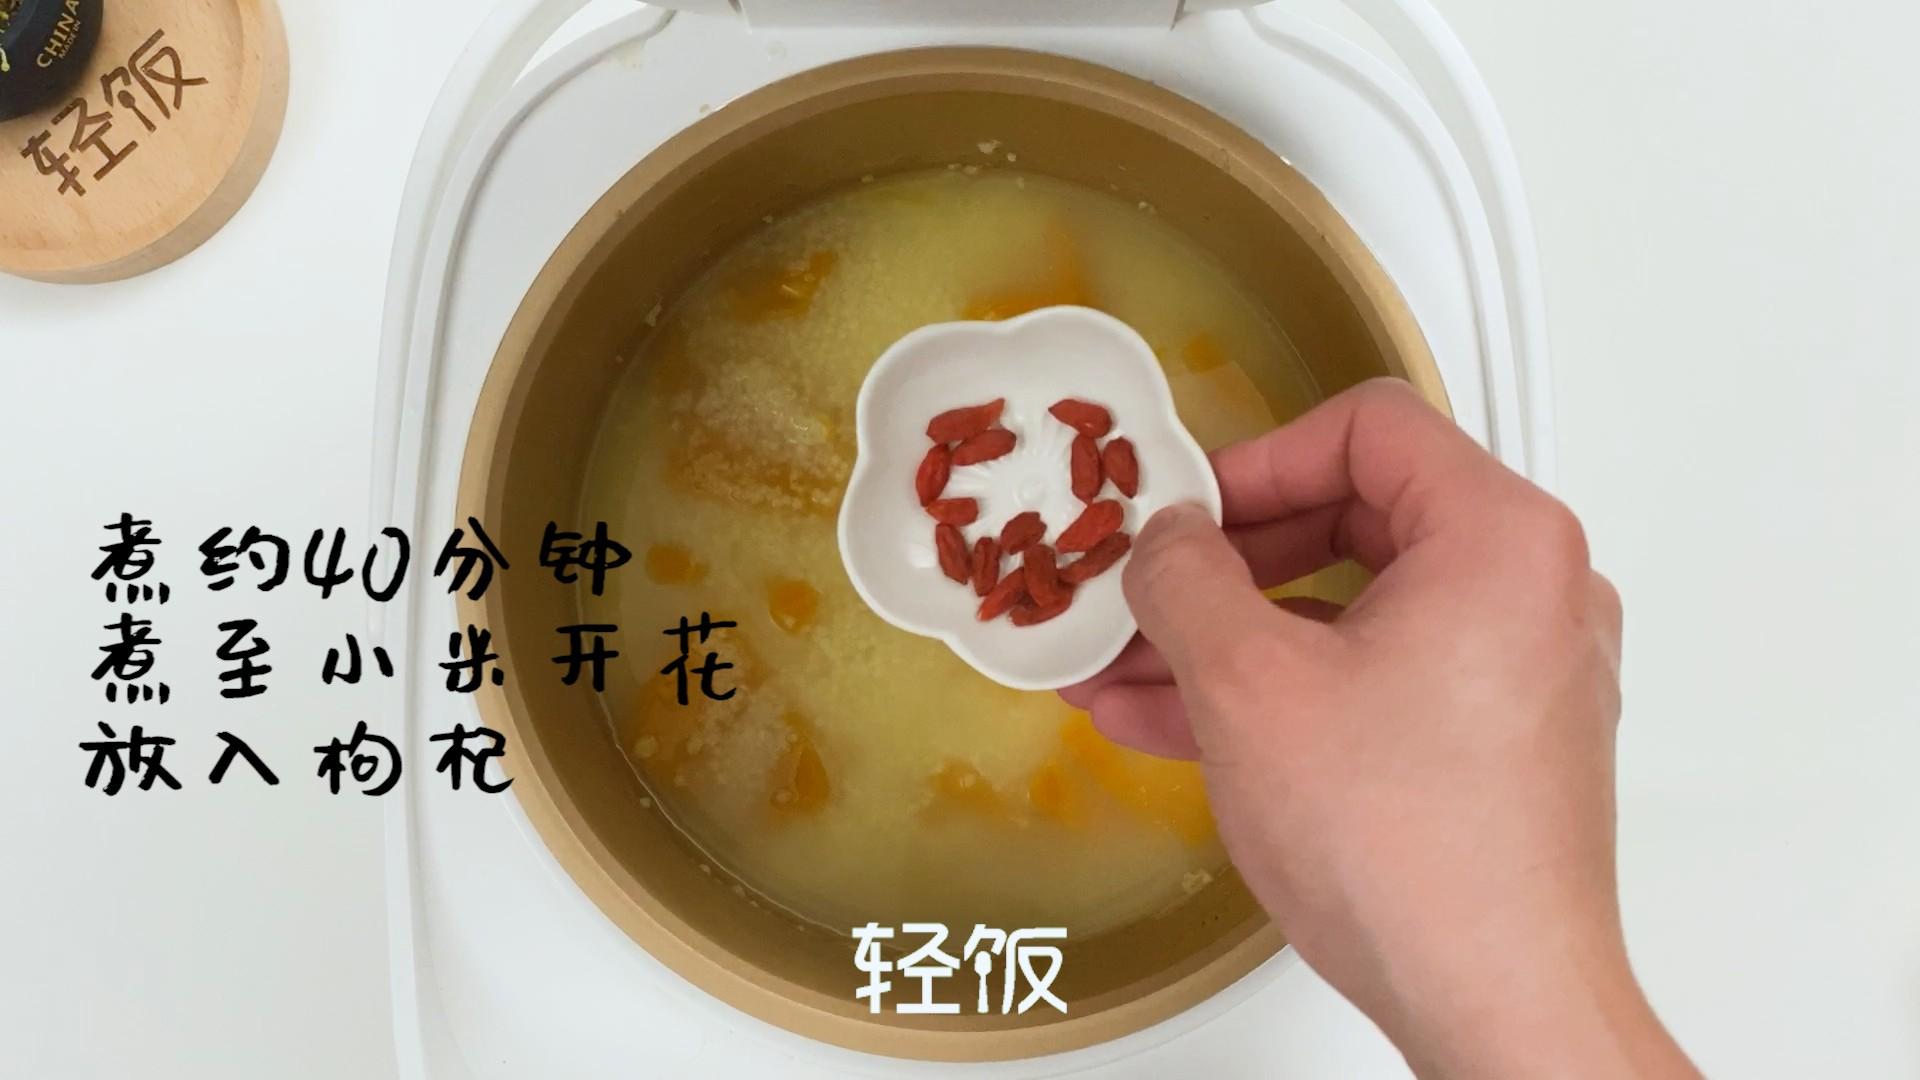 南瓜粥小米粥丨轻松搞定,好喝还养胃!的简单做法